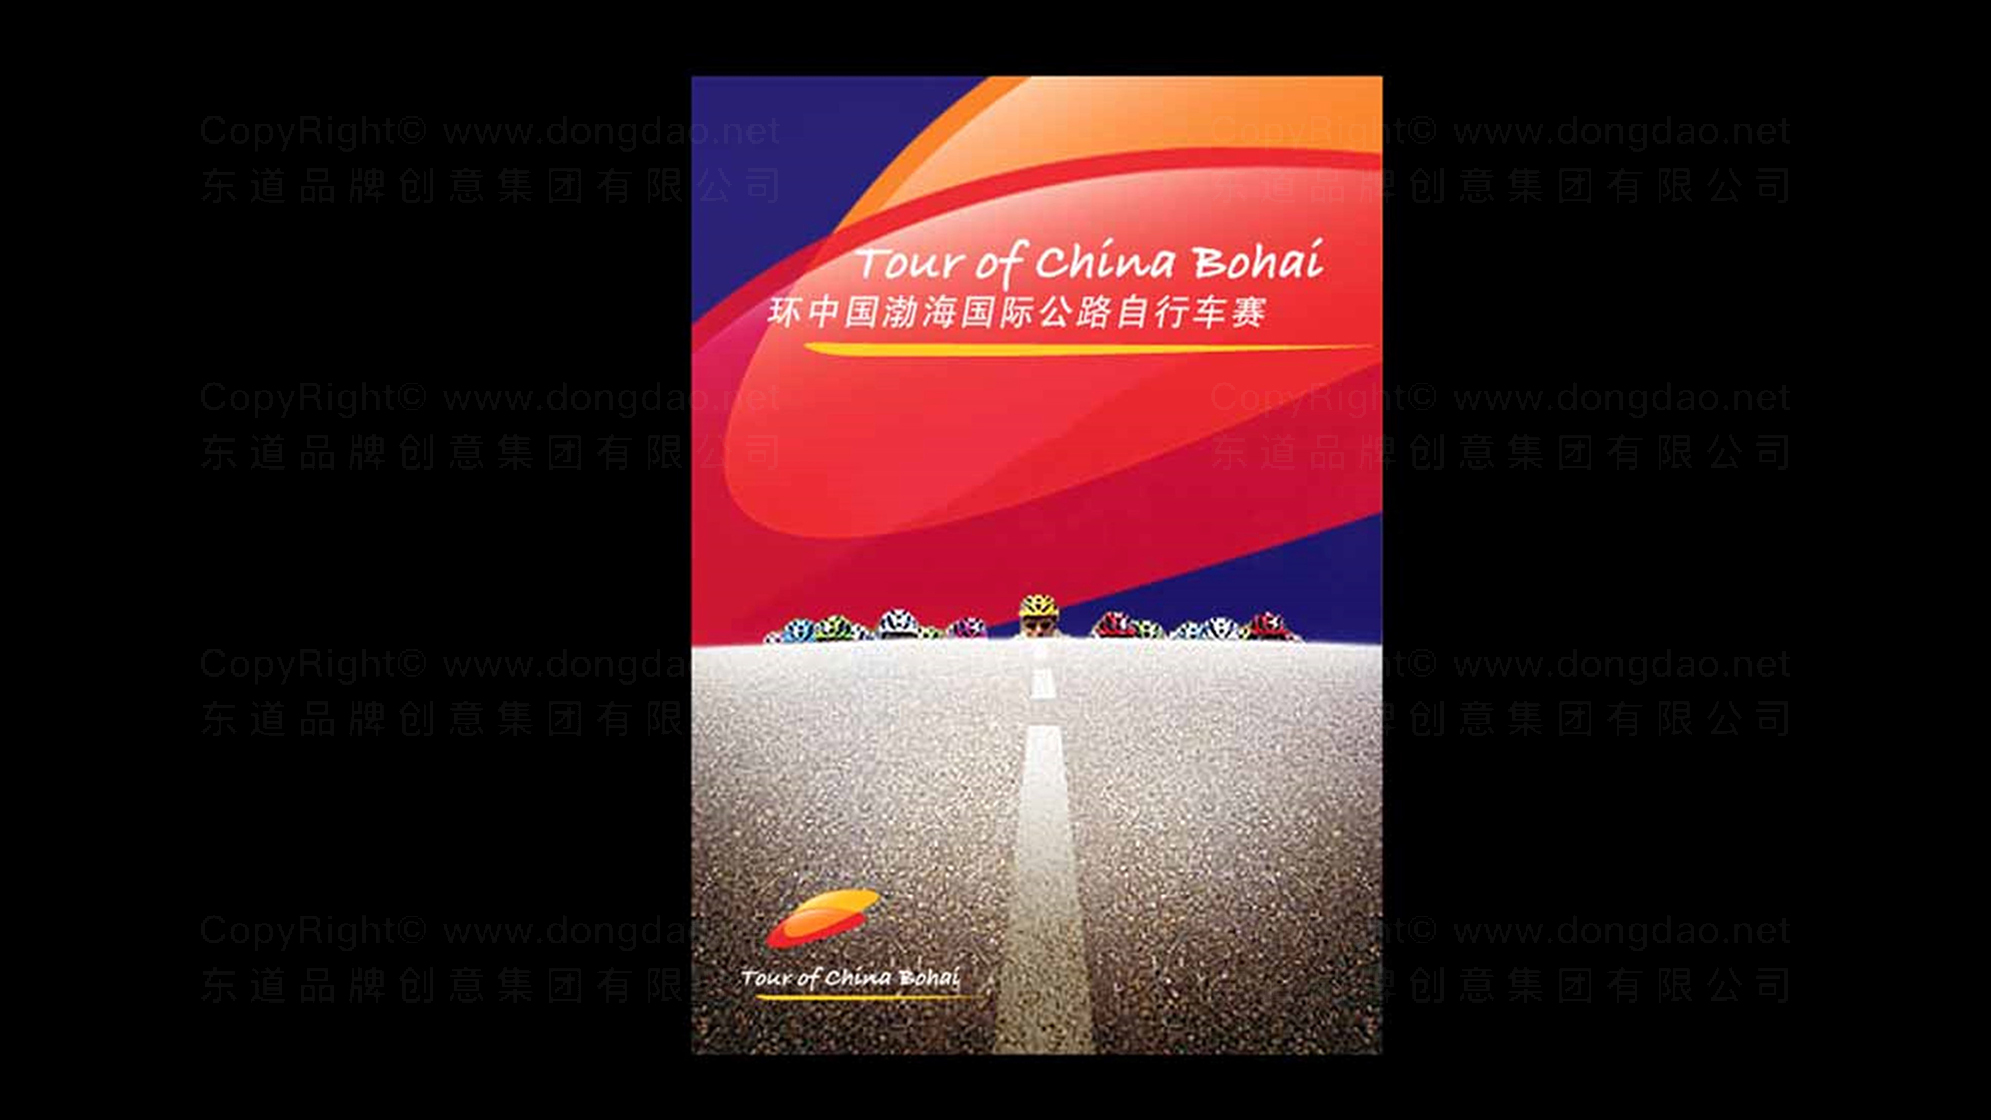 品牌设计环中国渤海国际公路自行车赛LOGO设计应用场景